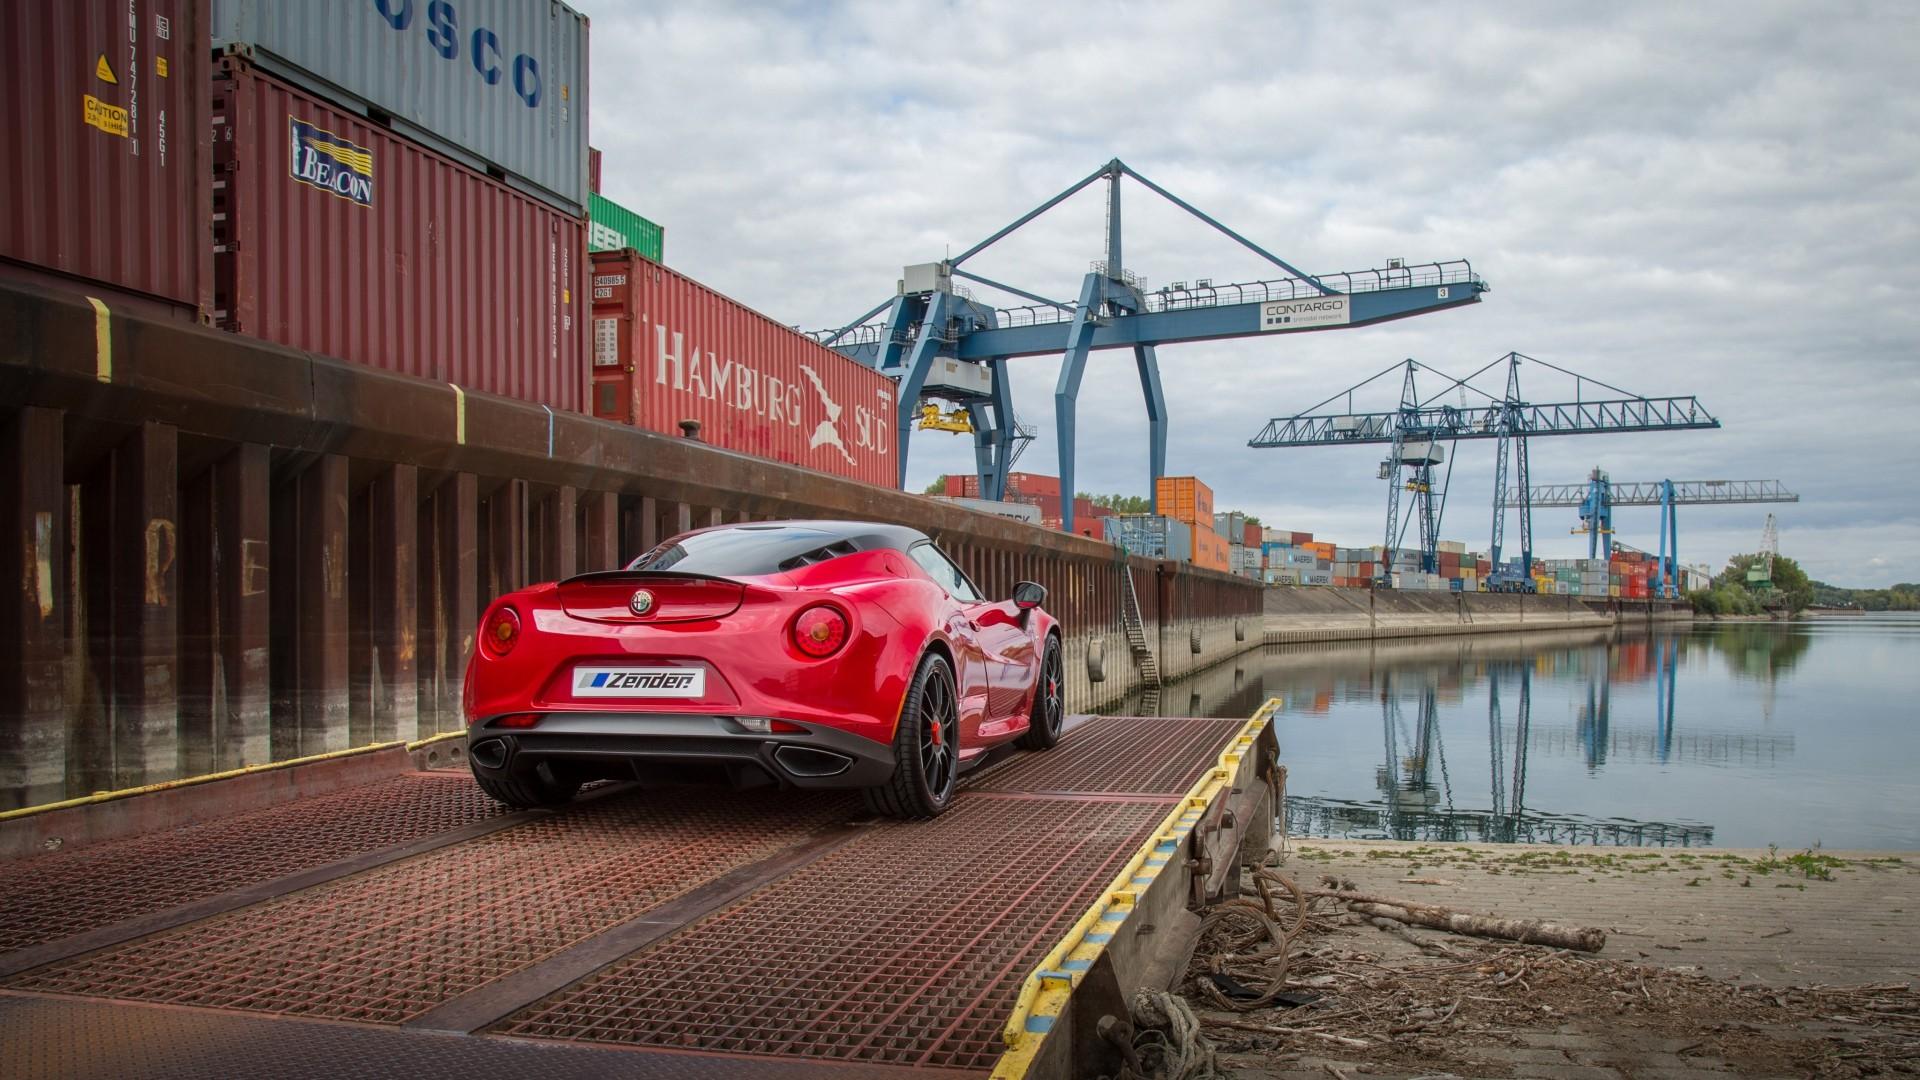 car harbor vehicle vehicle alfa romeo